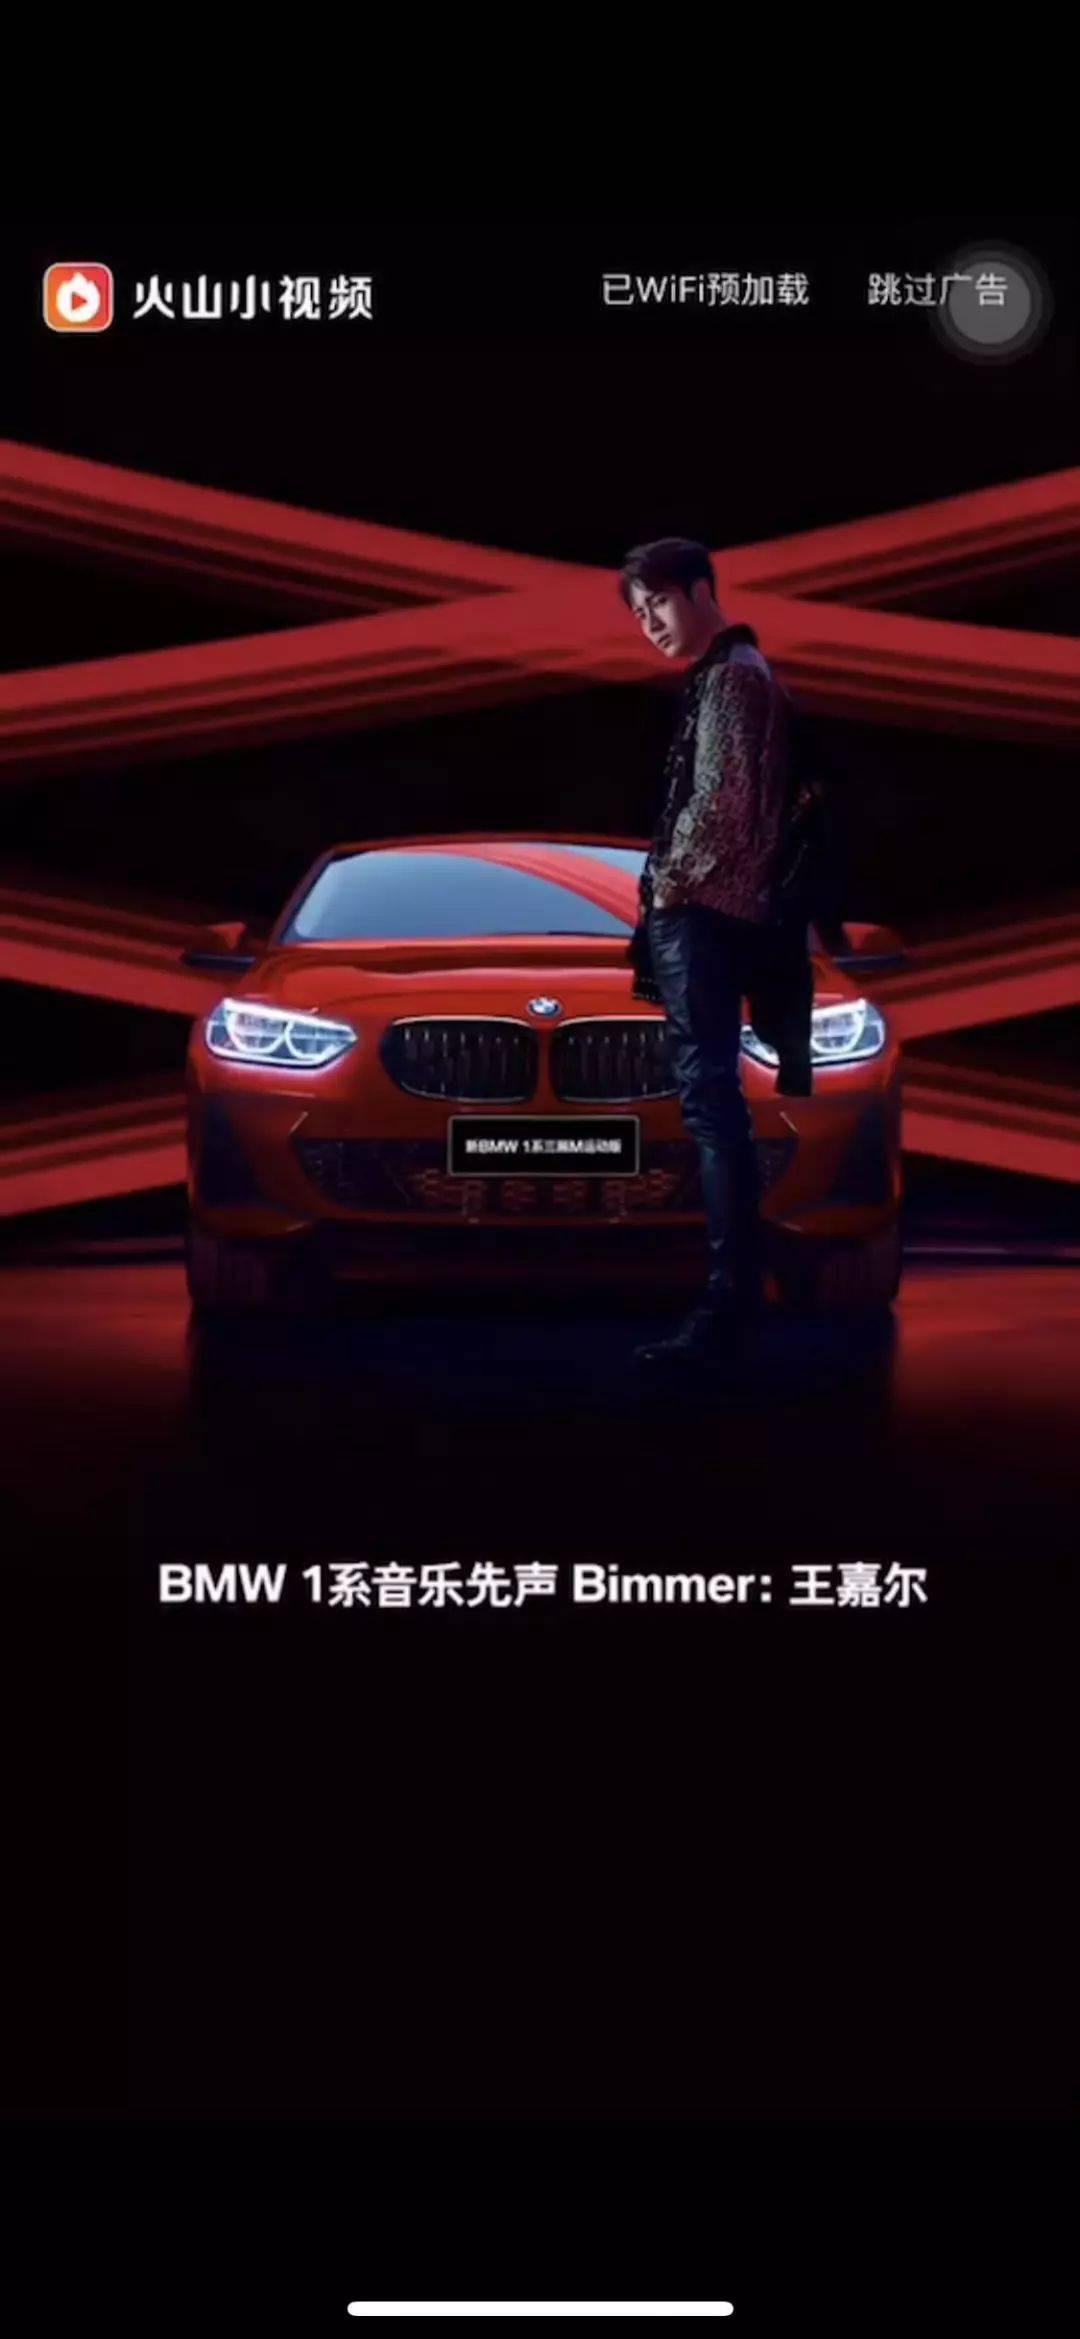 近期,宝马携手王嘉尔发布了bmw 1系音乐先声特别版mv《bimmer ride》